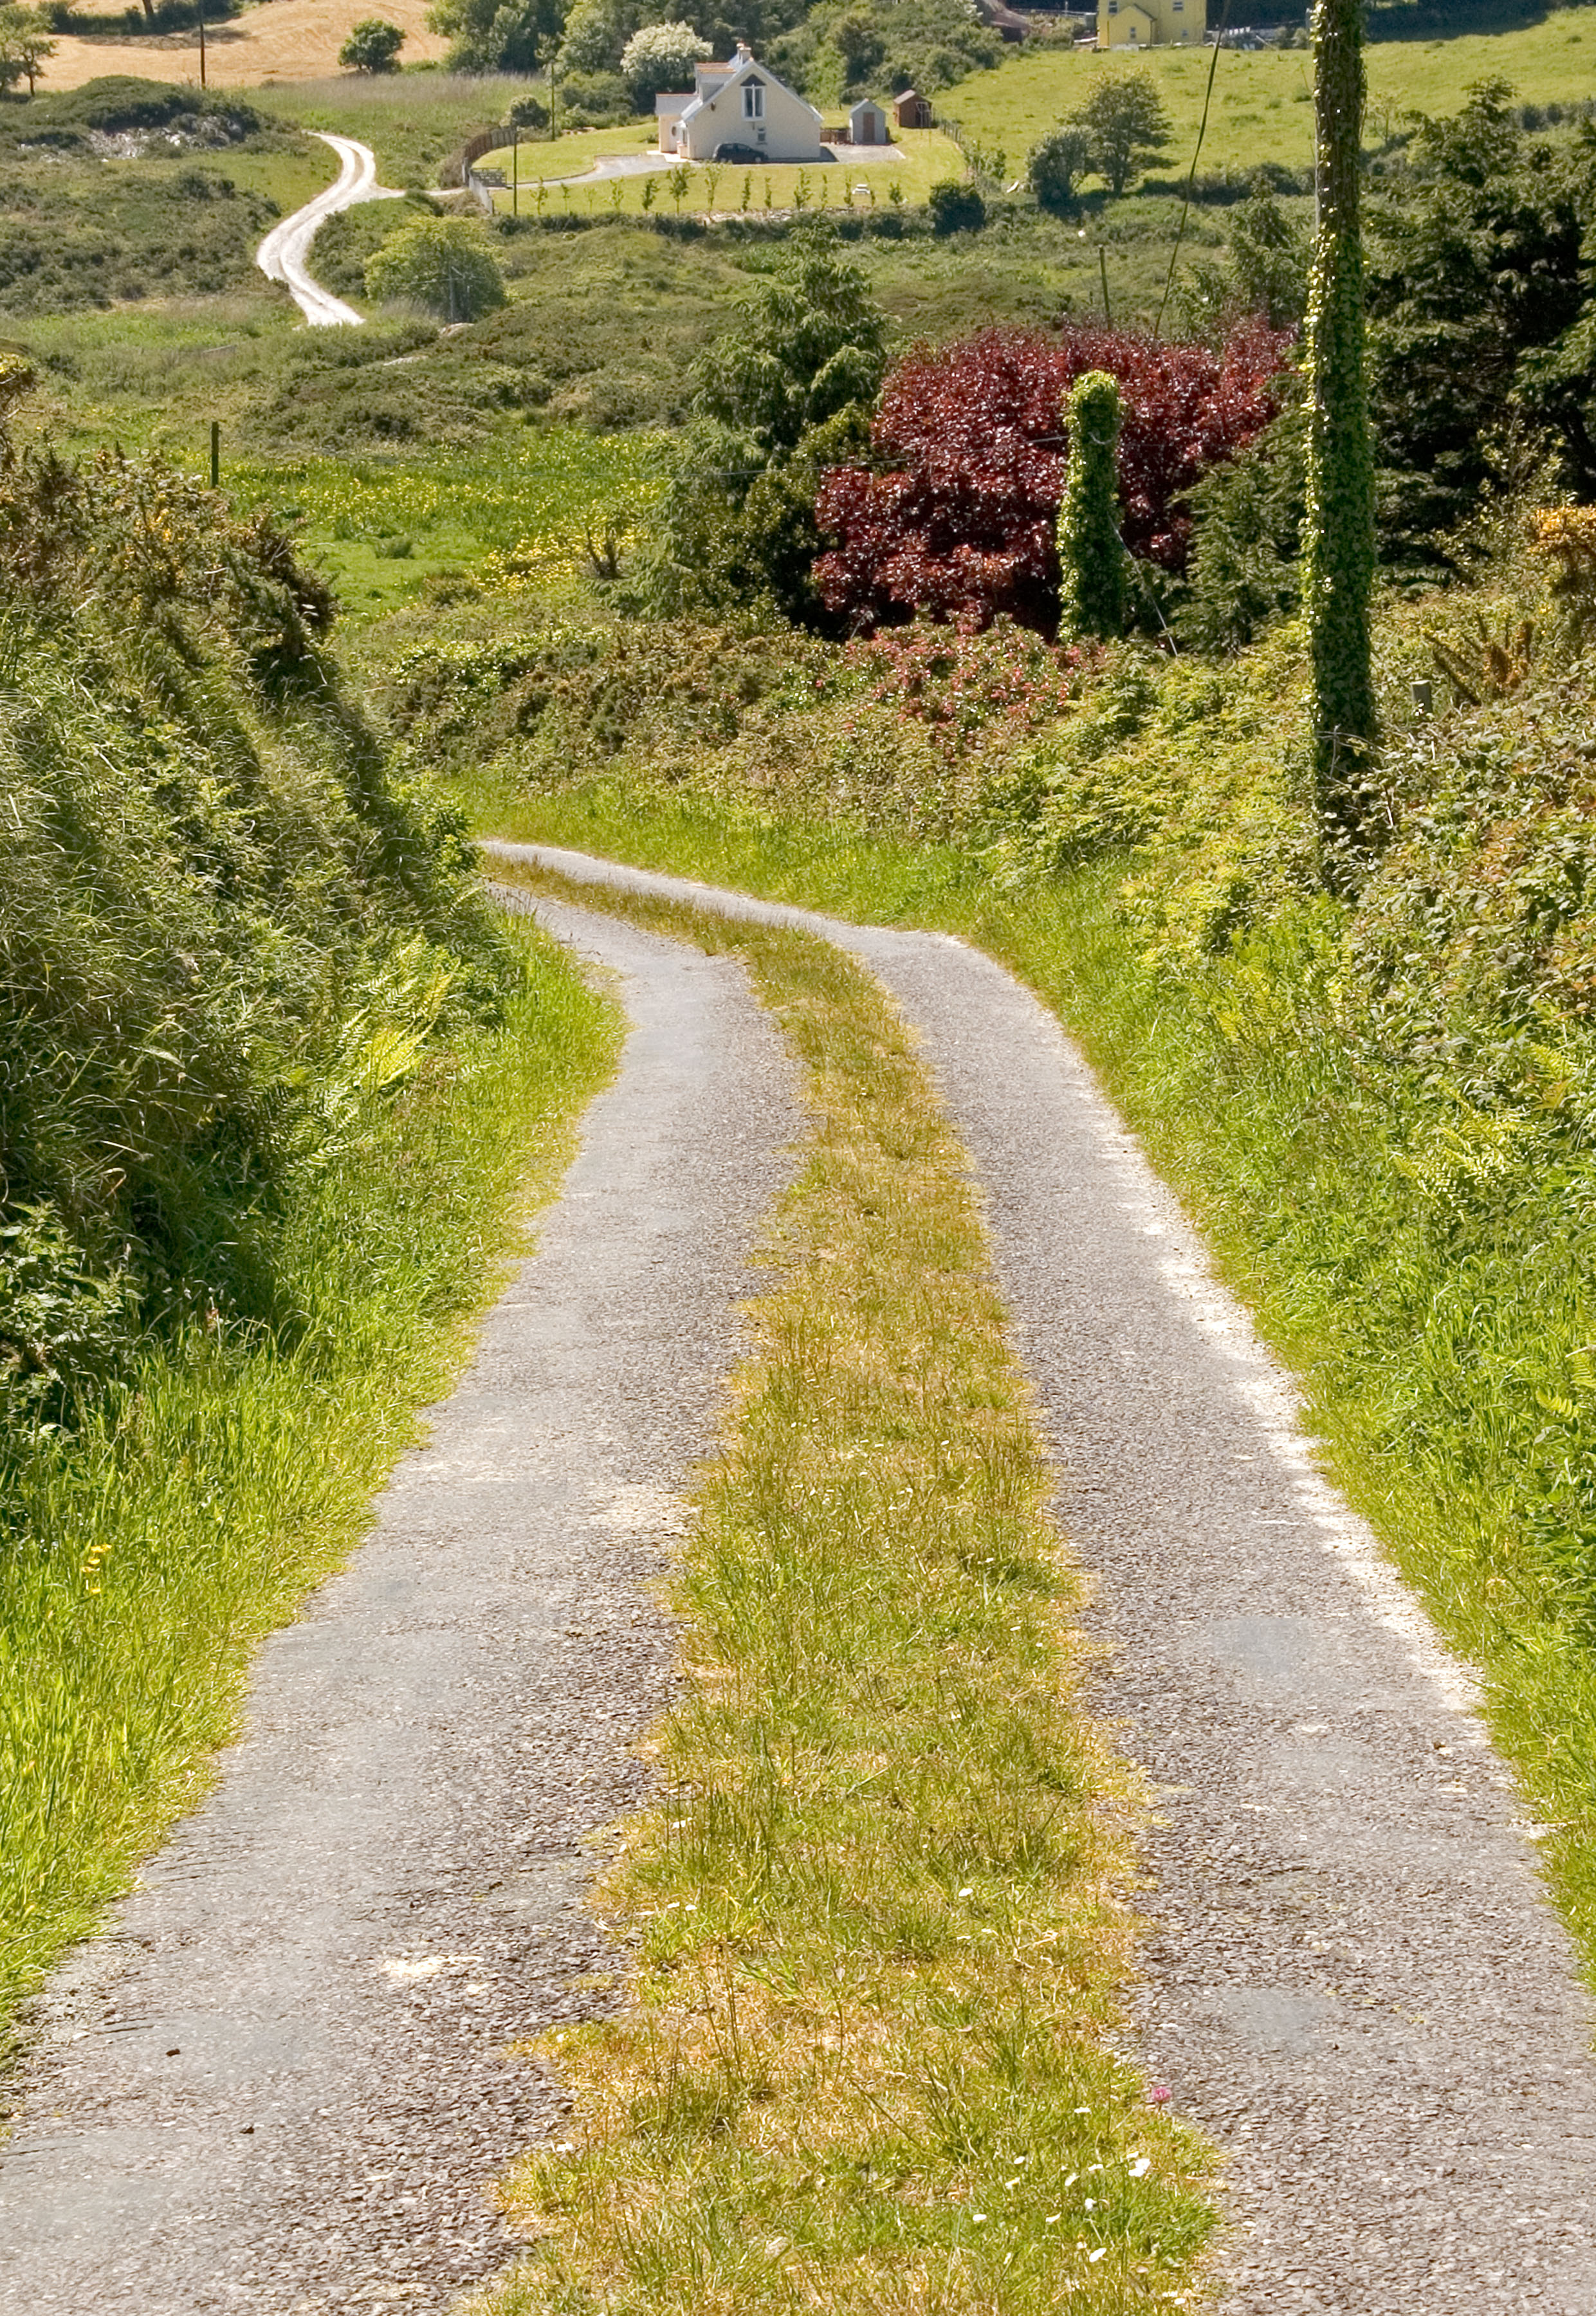 Co Cork winding road 2.jpg